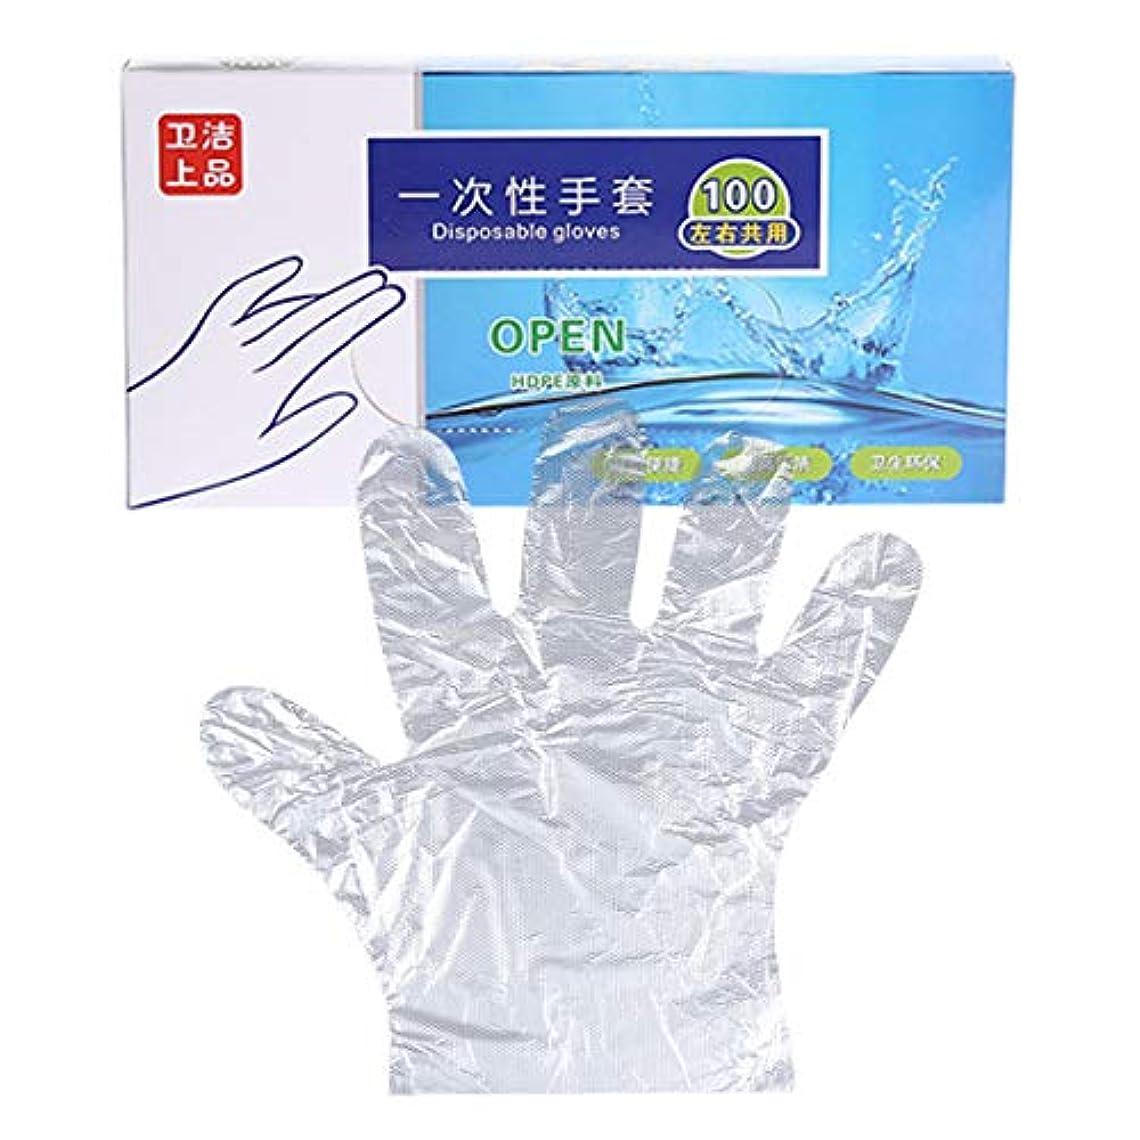 賛辞社会観察するBemin 使い捨て手袋 100本入 透明 フリーサイズ グローブ ポリエチレン手袋 左右兼用 ポリエチレン PE 実用 衛生 調理 清掃 染髪